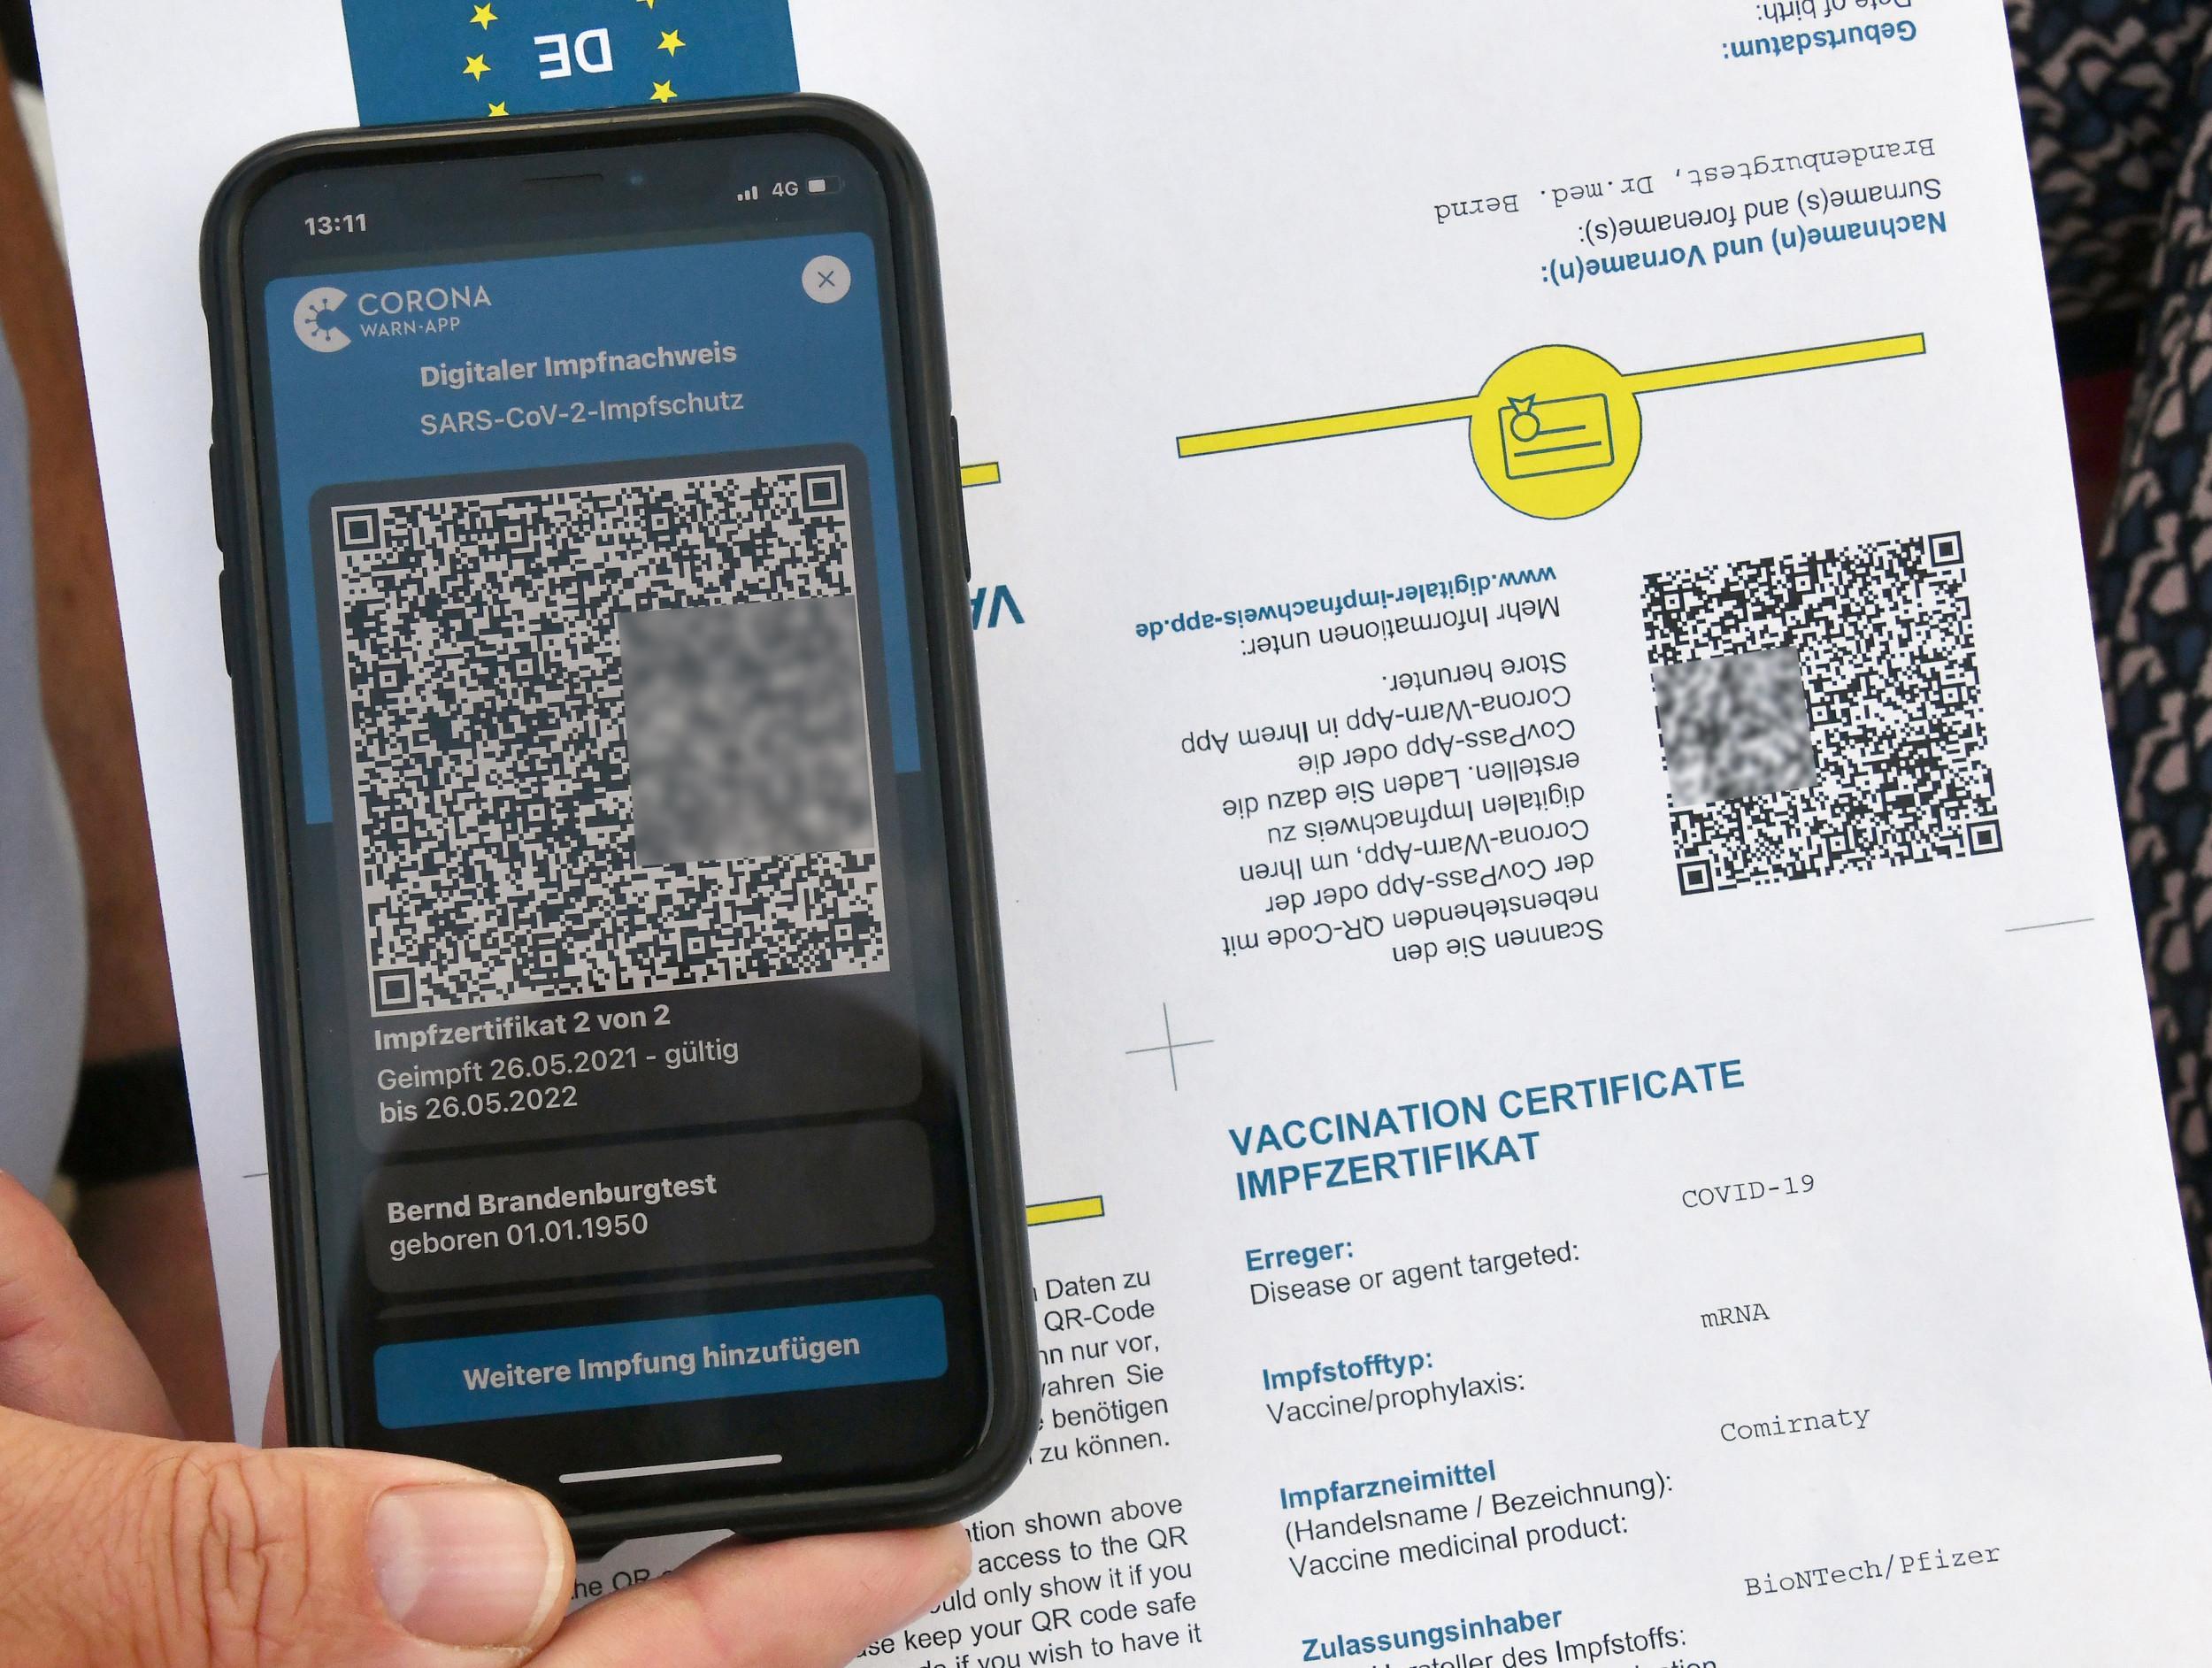 Digitales Impfzertifikat So Funktionieren Die Impfnachweise In Der Apothe Pz Pharmazeutische Zeitung